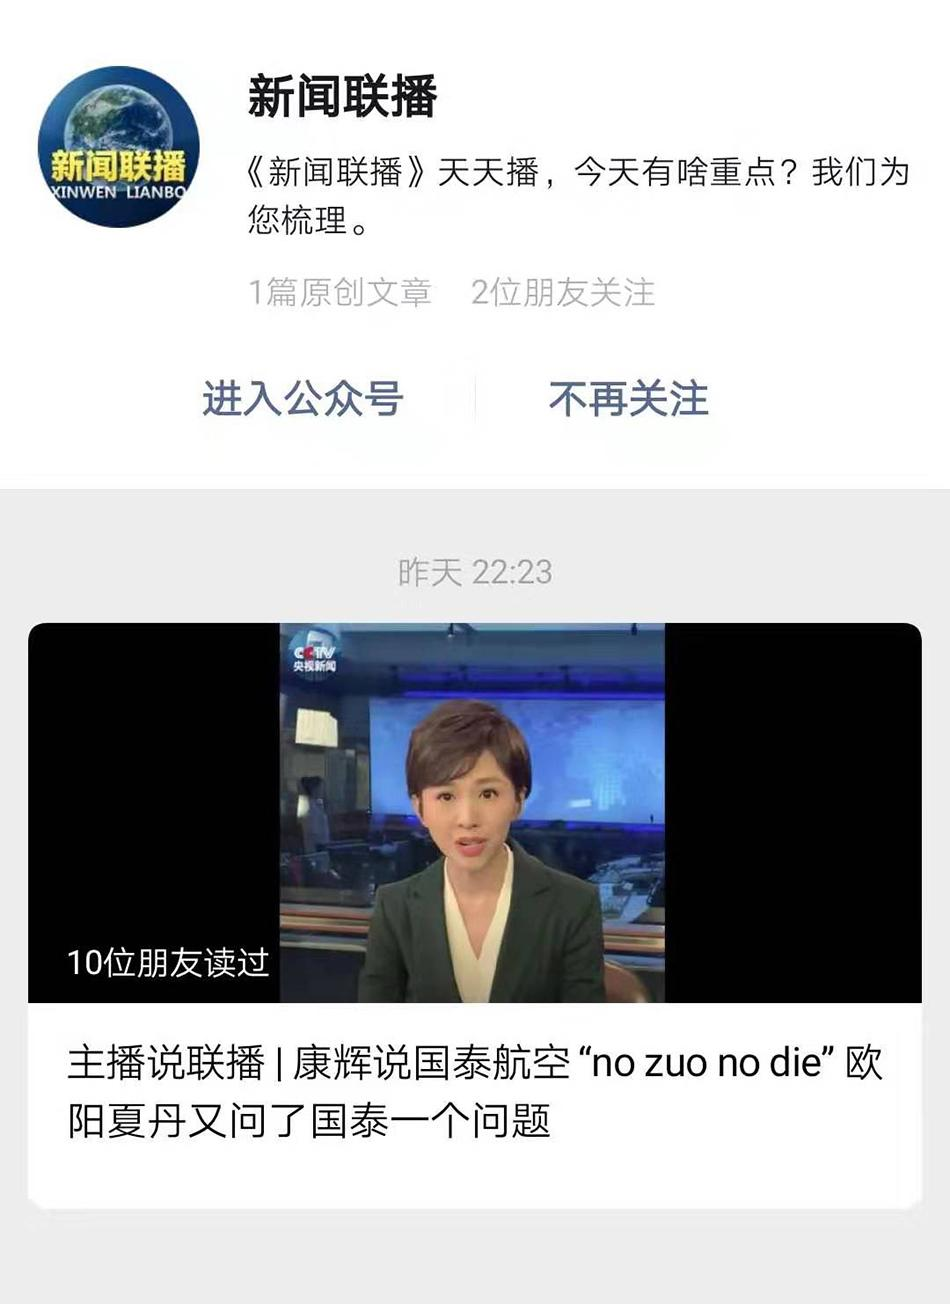 新闻联播微信公众号上线,首条微信推送谈了国泰航空